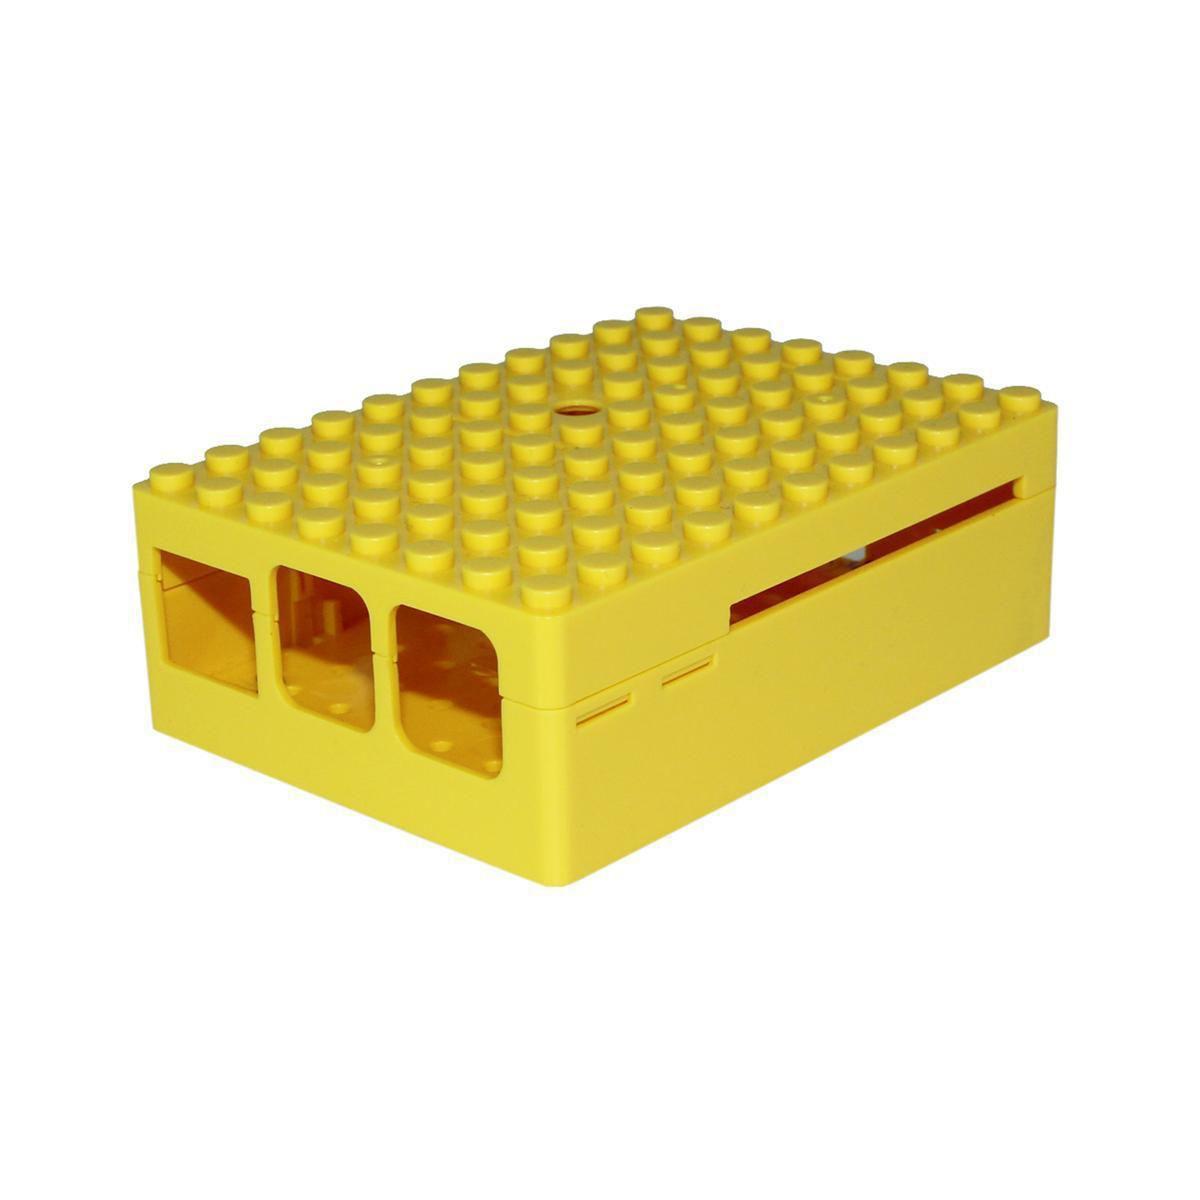 Boitier pc multicomp pi-blox jaune - 2% de remise imm�diate avec le code : school2 (photo)